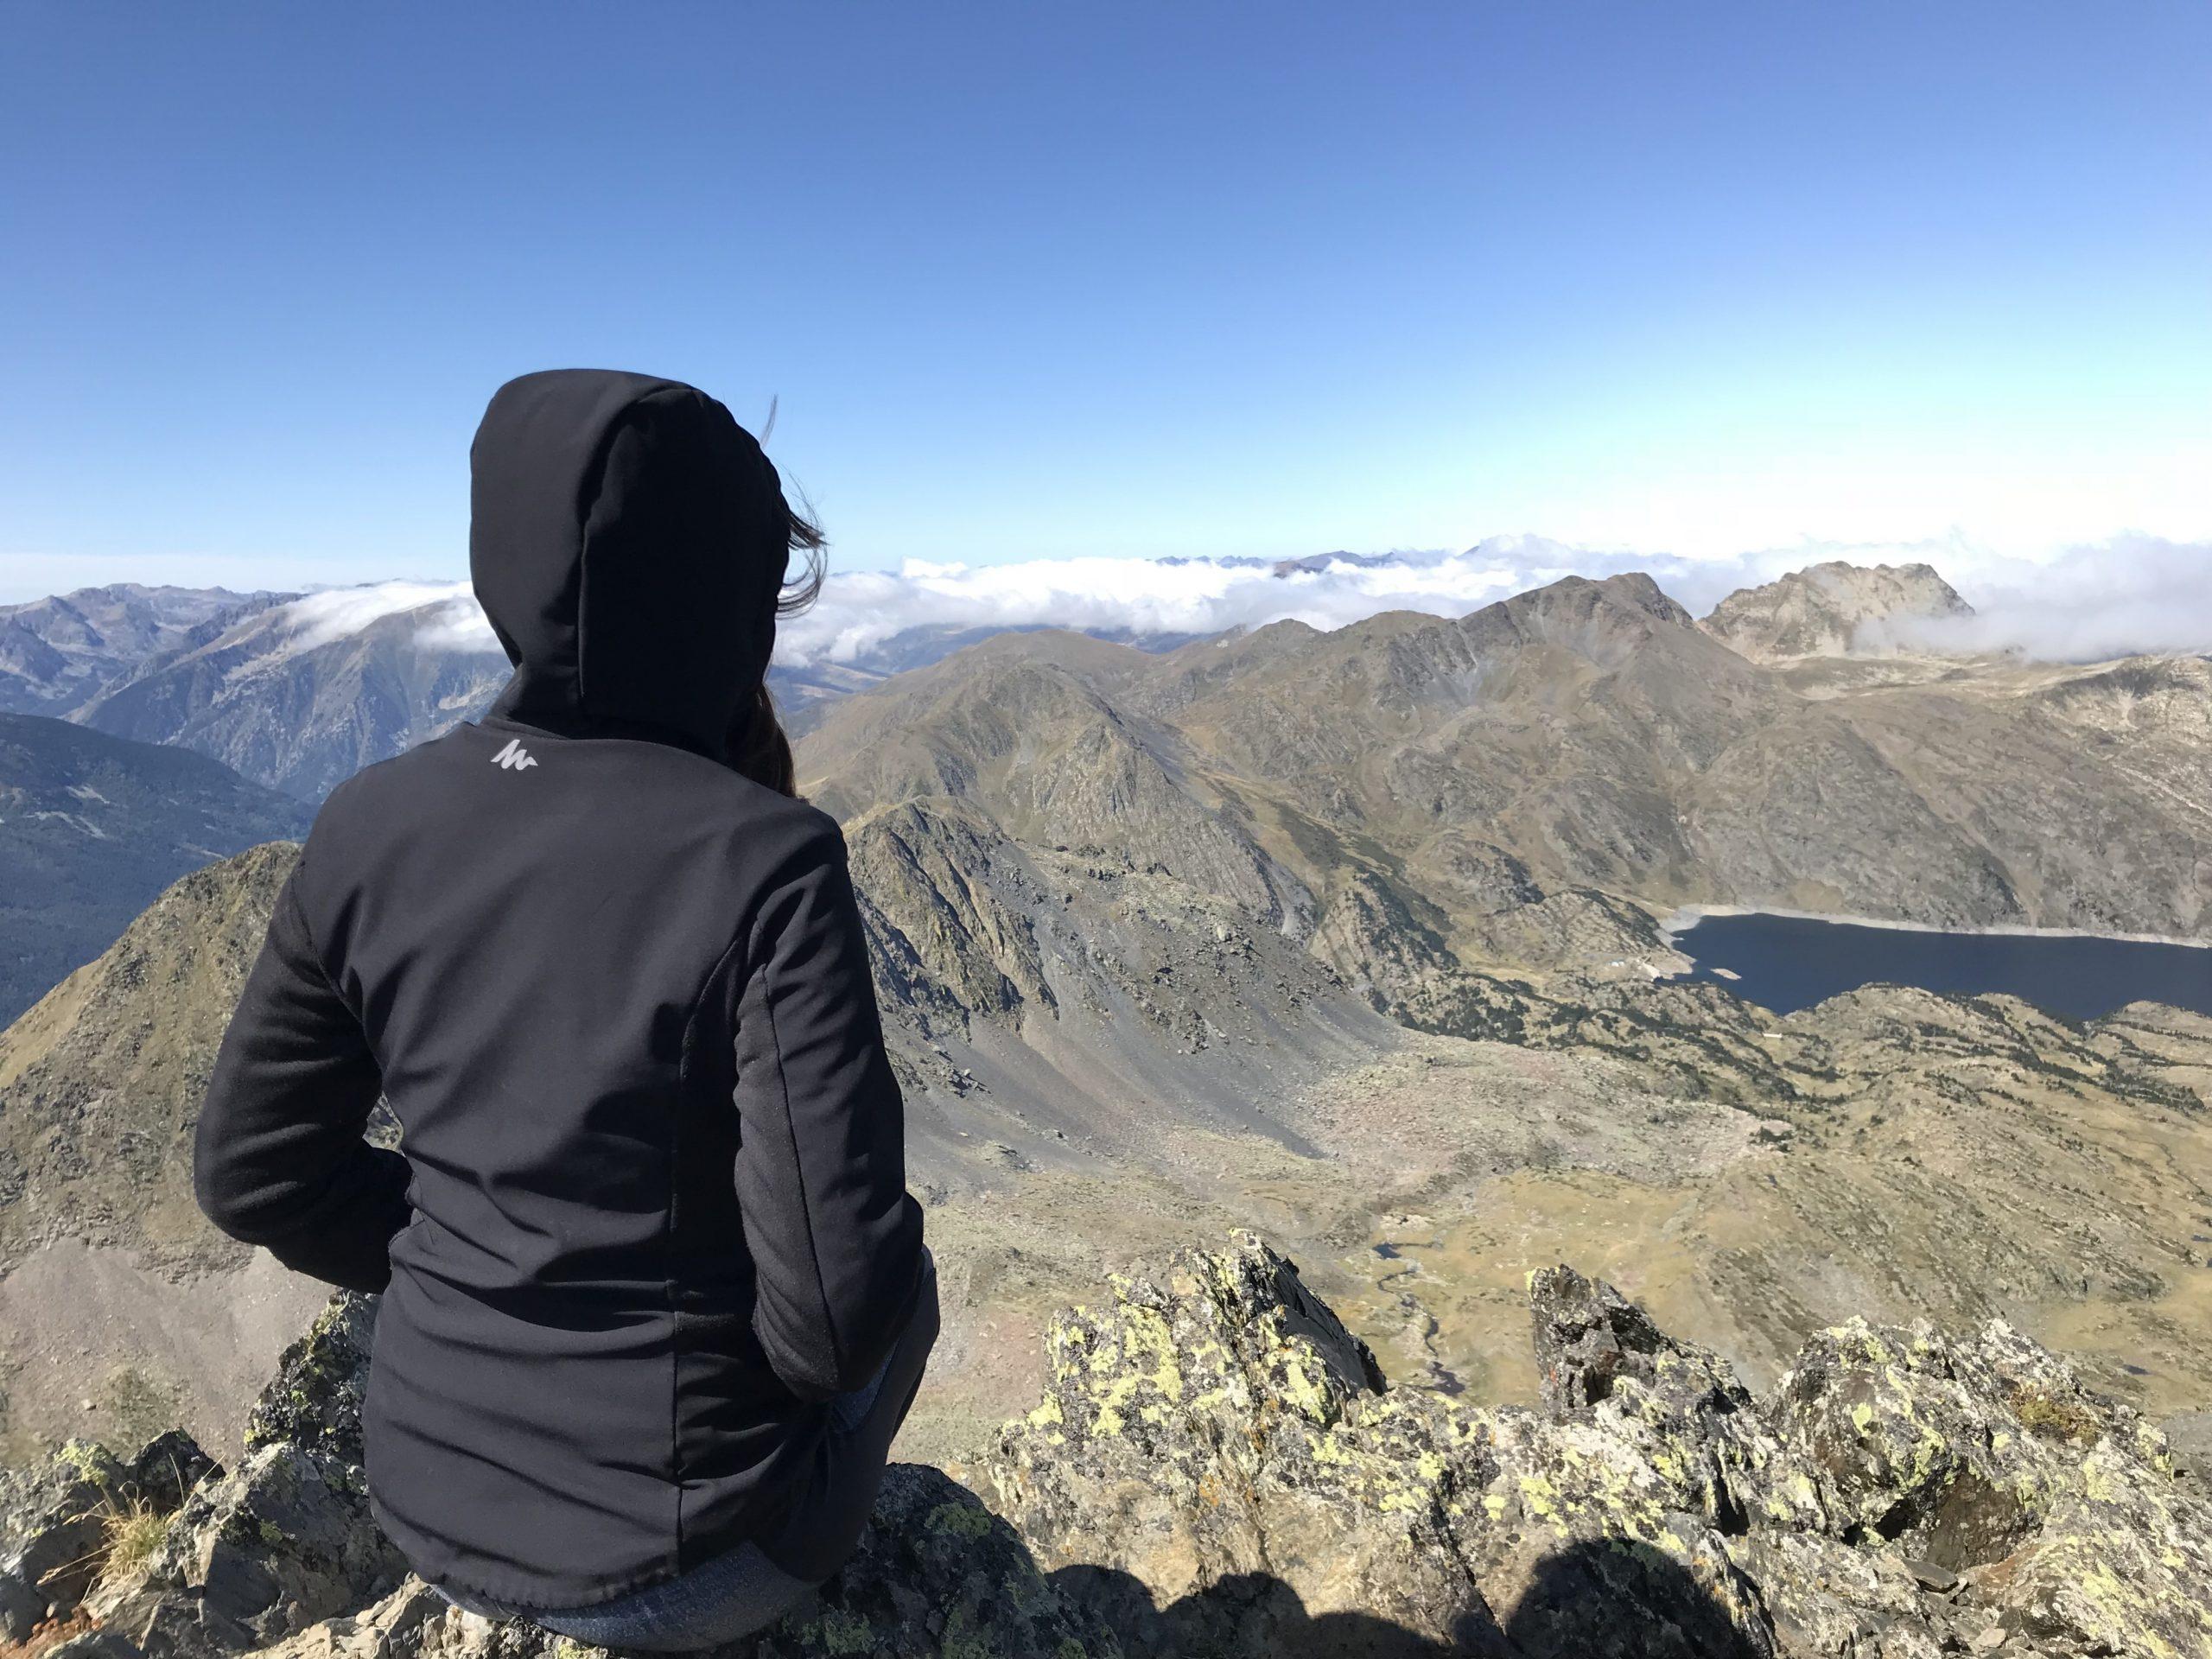 carlit kikimagtravel randonnée